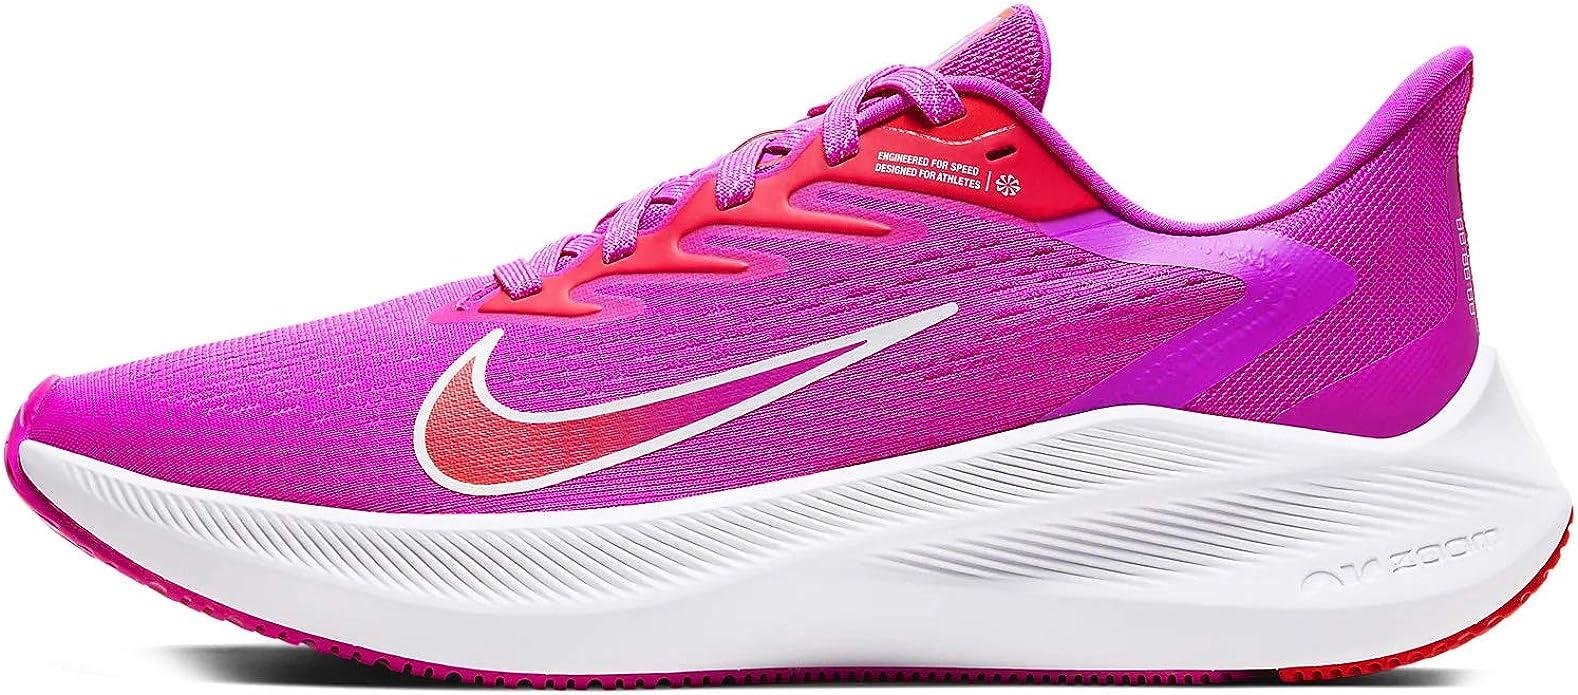 Nike Zoom Winflo 7 - Zapatillas de correr para mujer: Amazon.es: Zapatos y complementos